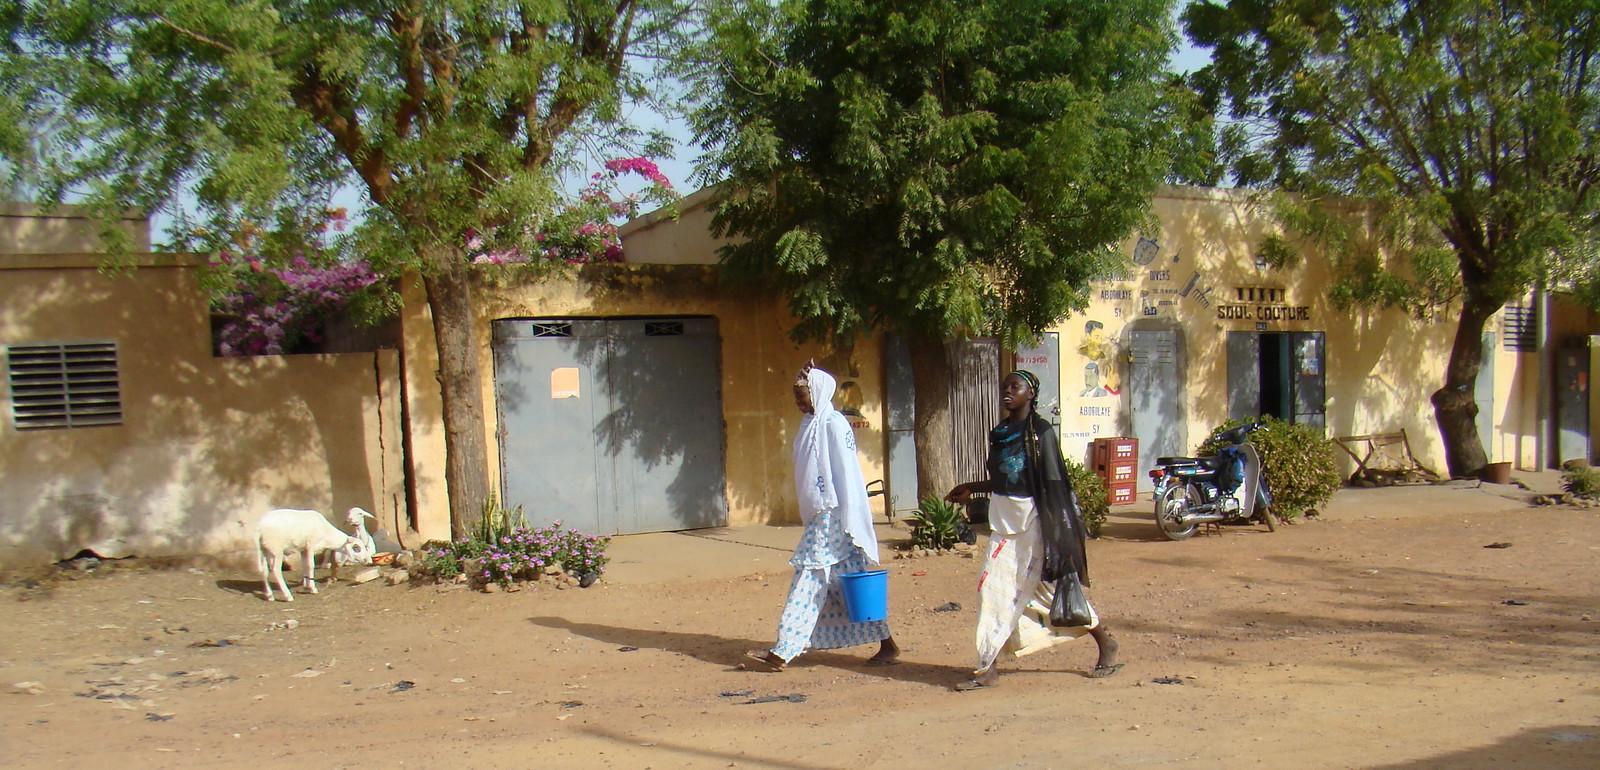 Segou su gente people etnia Bambara Mali 10